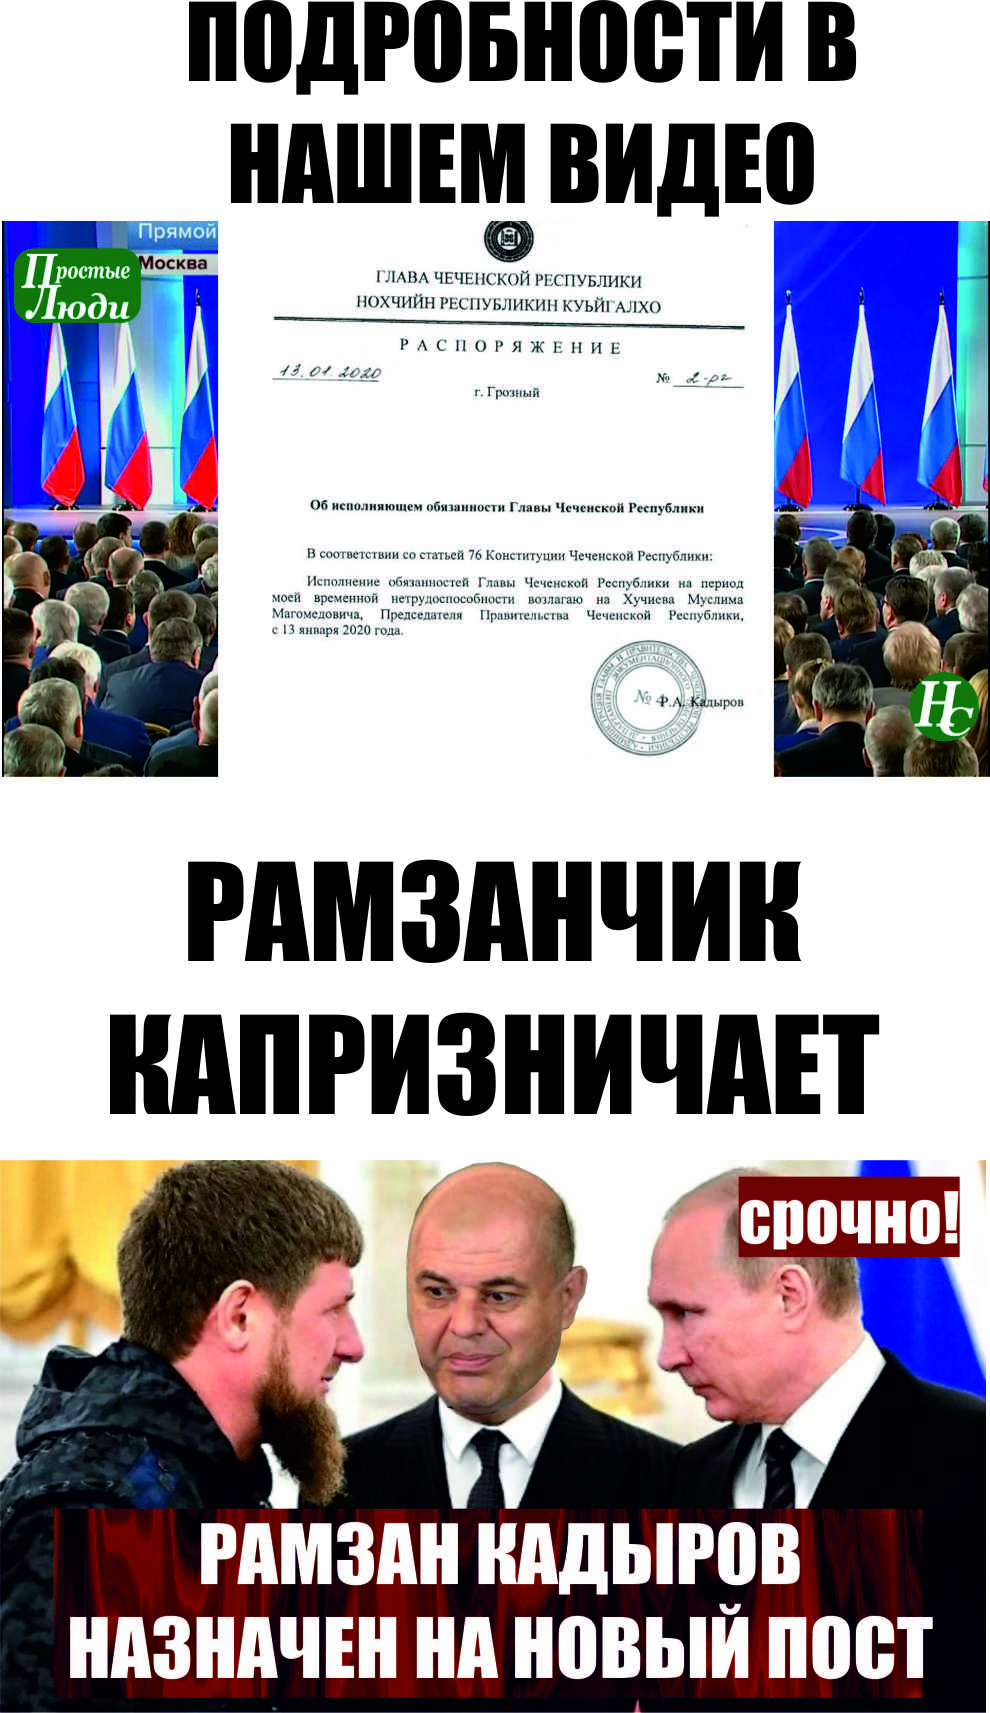 Новости Чечни сегодня Рамзан Кадыров назначен на пост актуальные события последние новости https://www.youtube.com/watch?v=fvojeJlIw9A